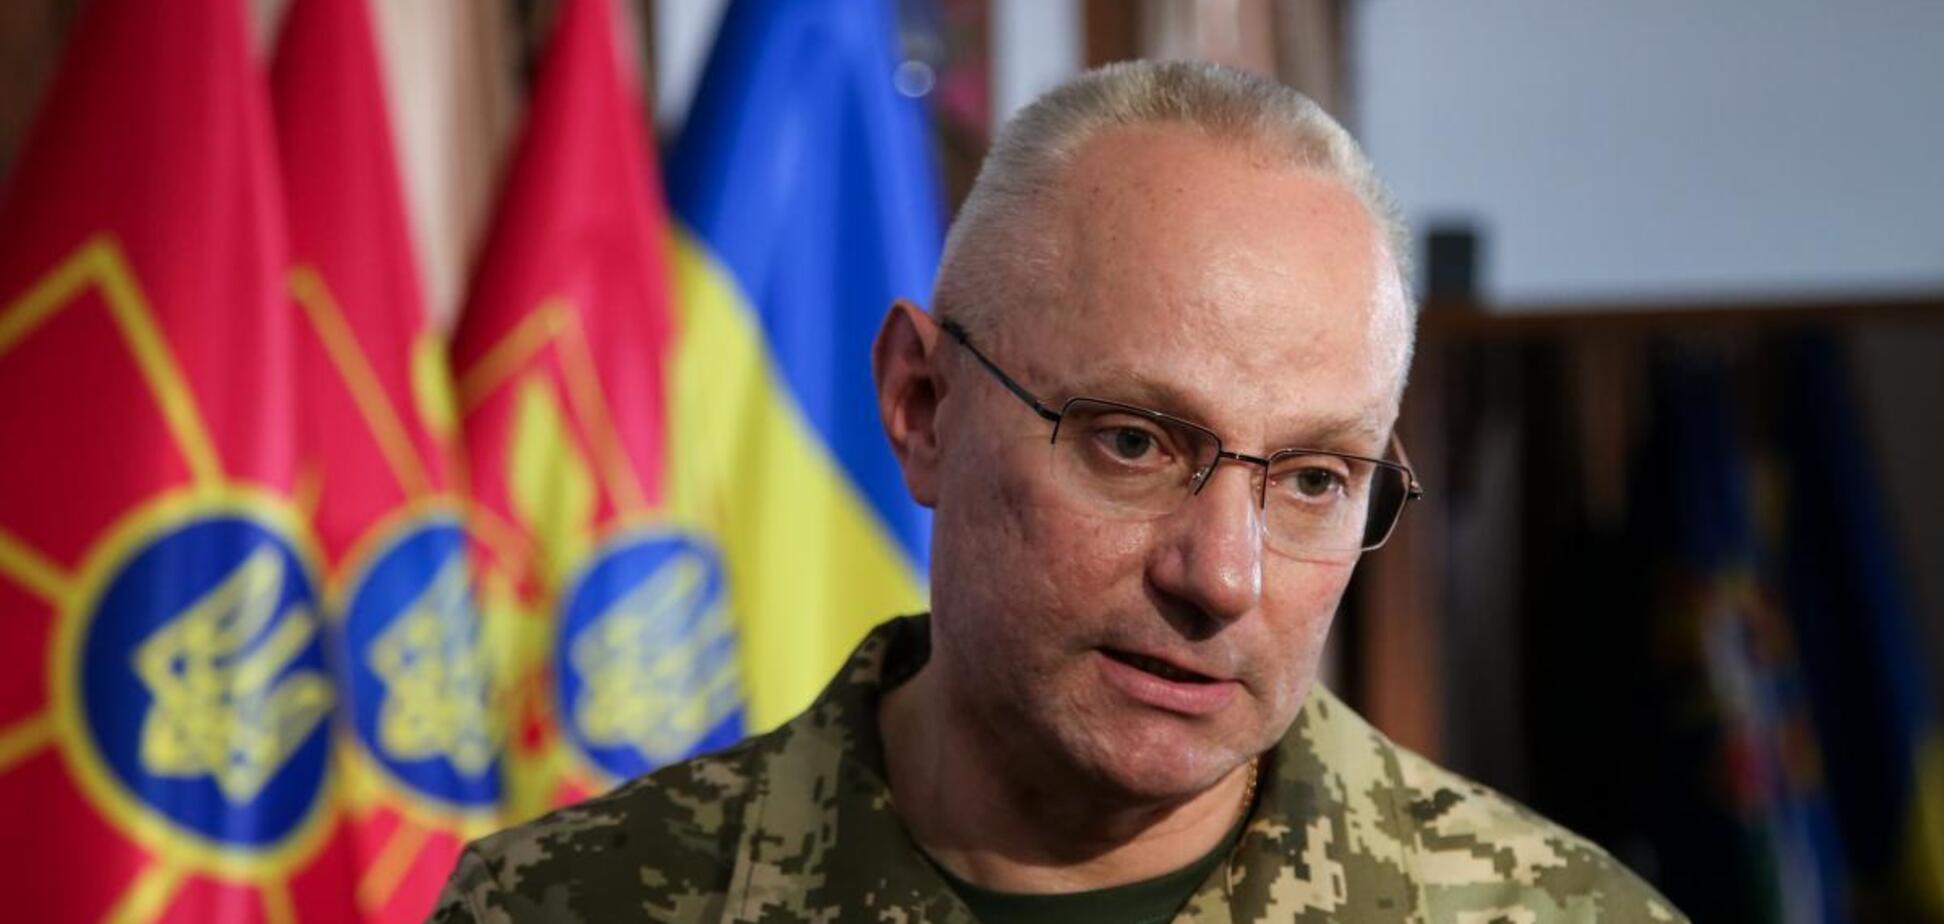 Головнокомандувач Збройних сил України, генерал-полковник Руслан Хомчак